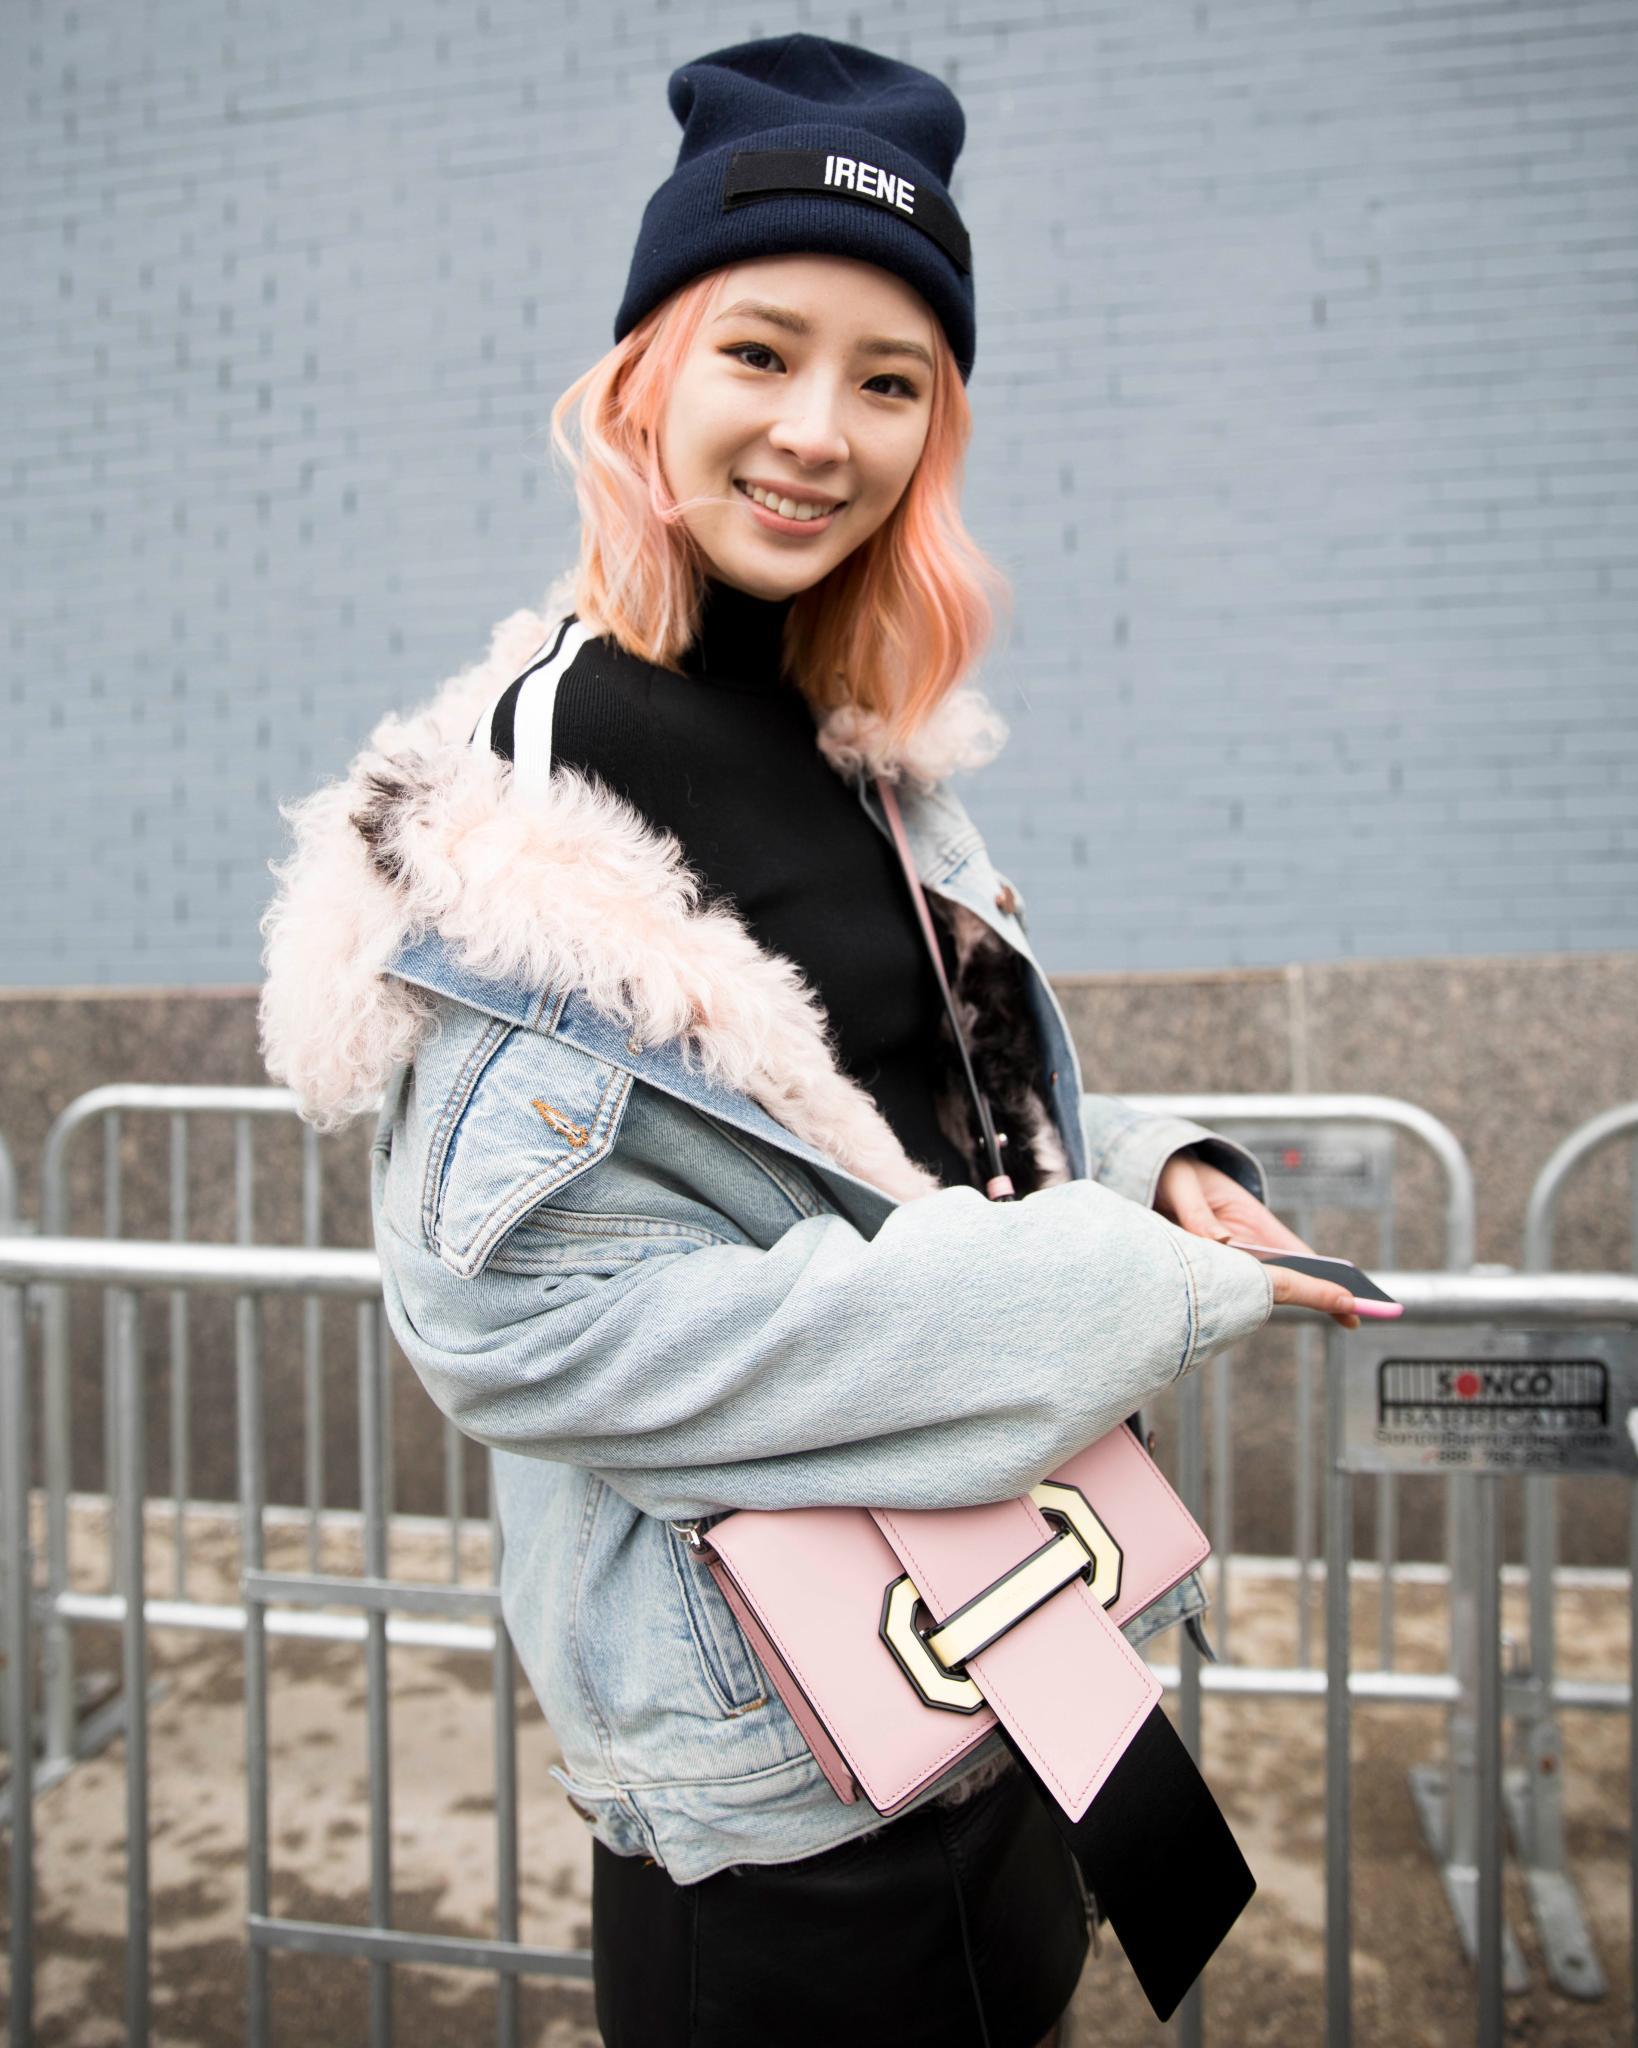 Mujer asiática de cabello rosa, corte altura bob, con gorra de lana